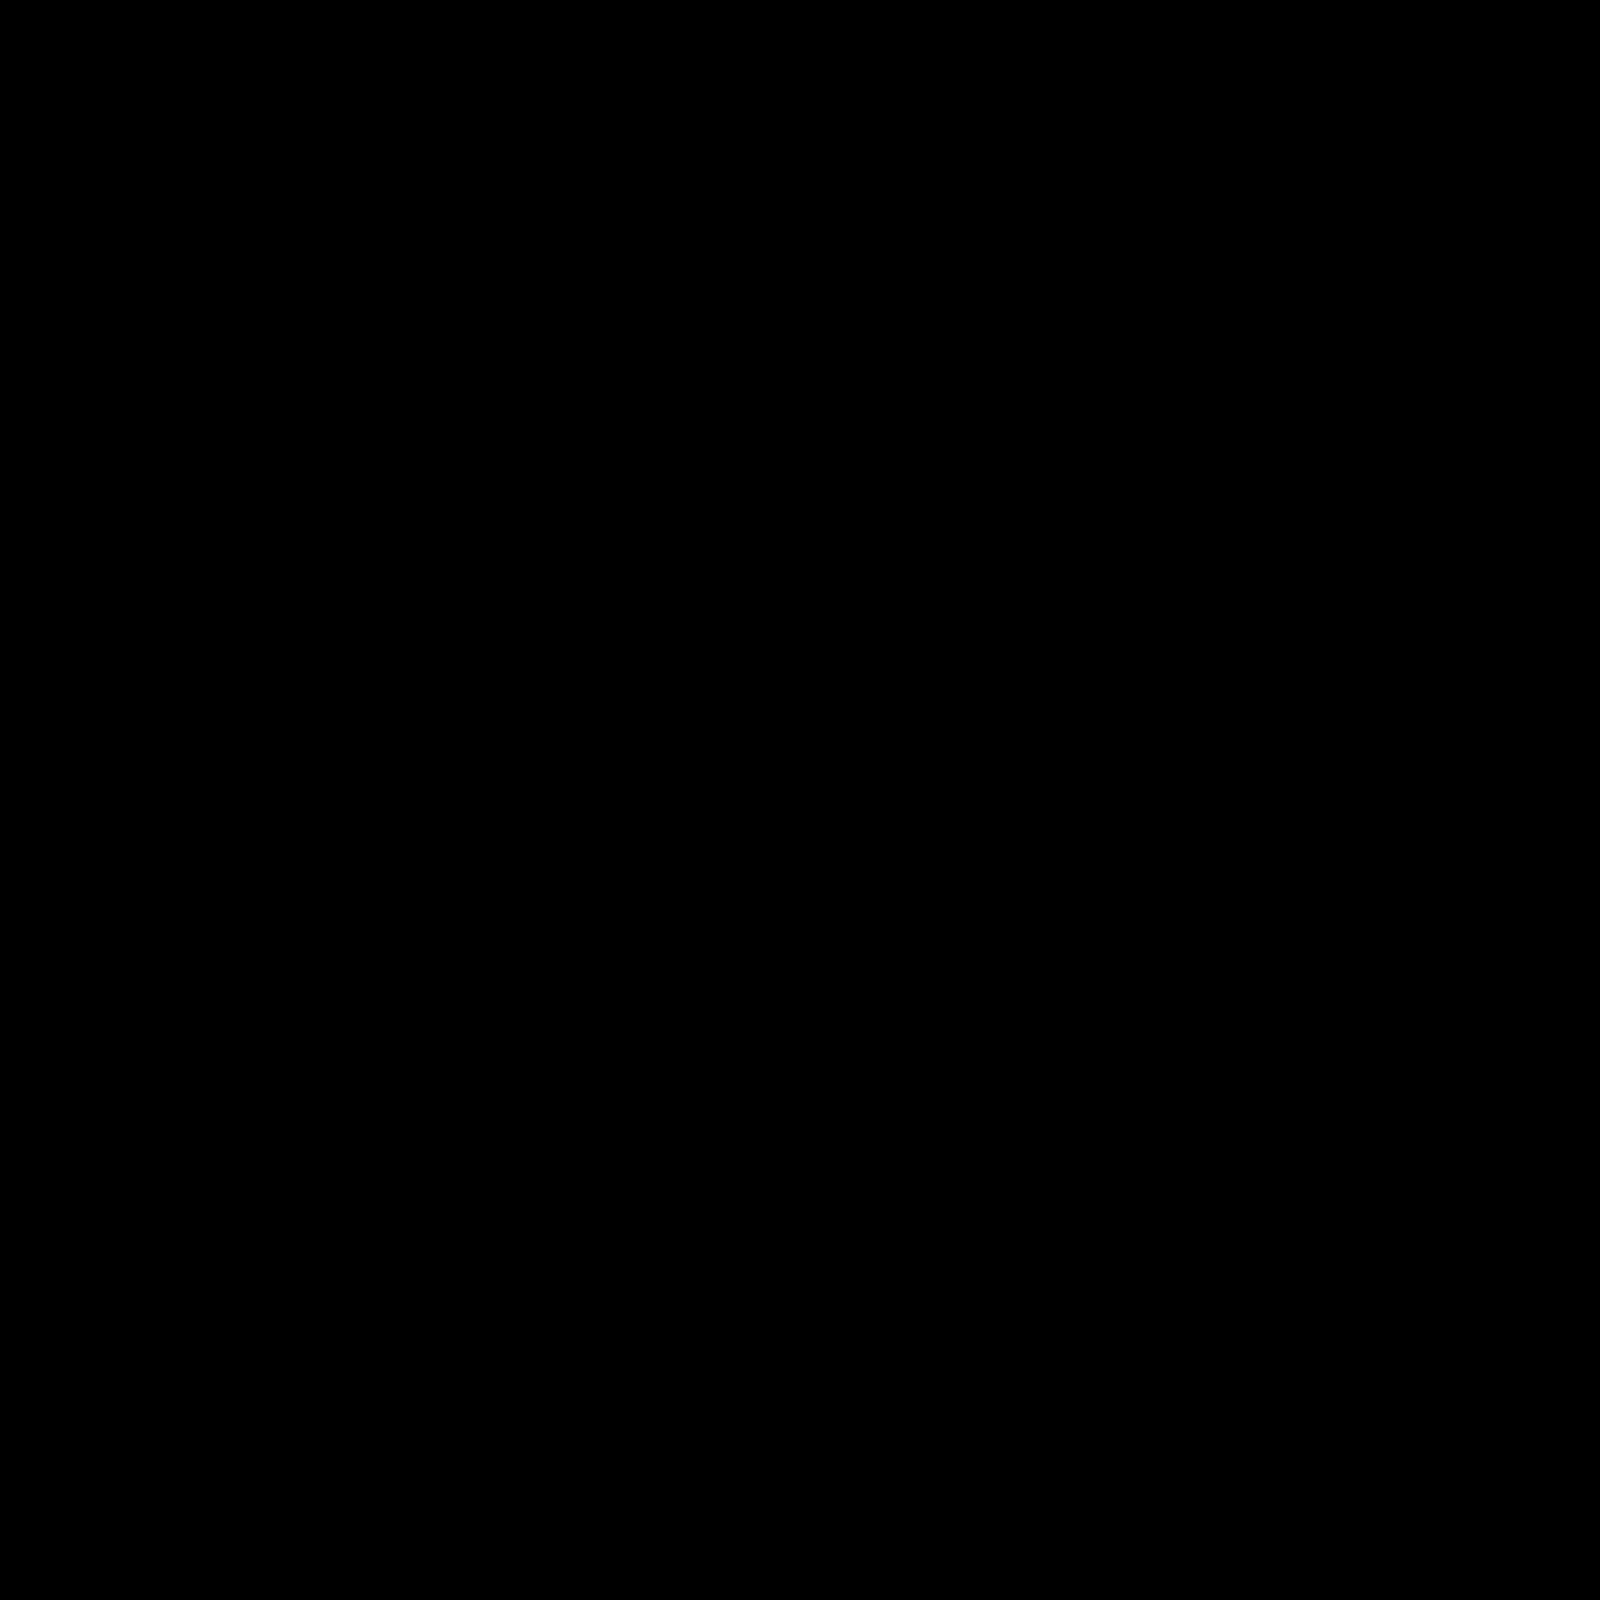 Oświetlenie szafek icon